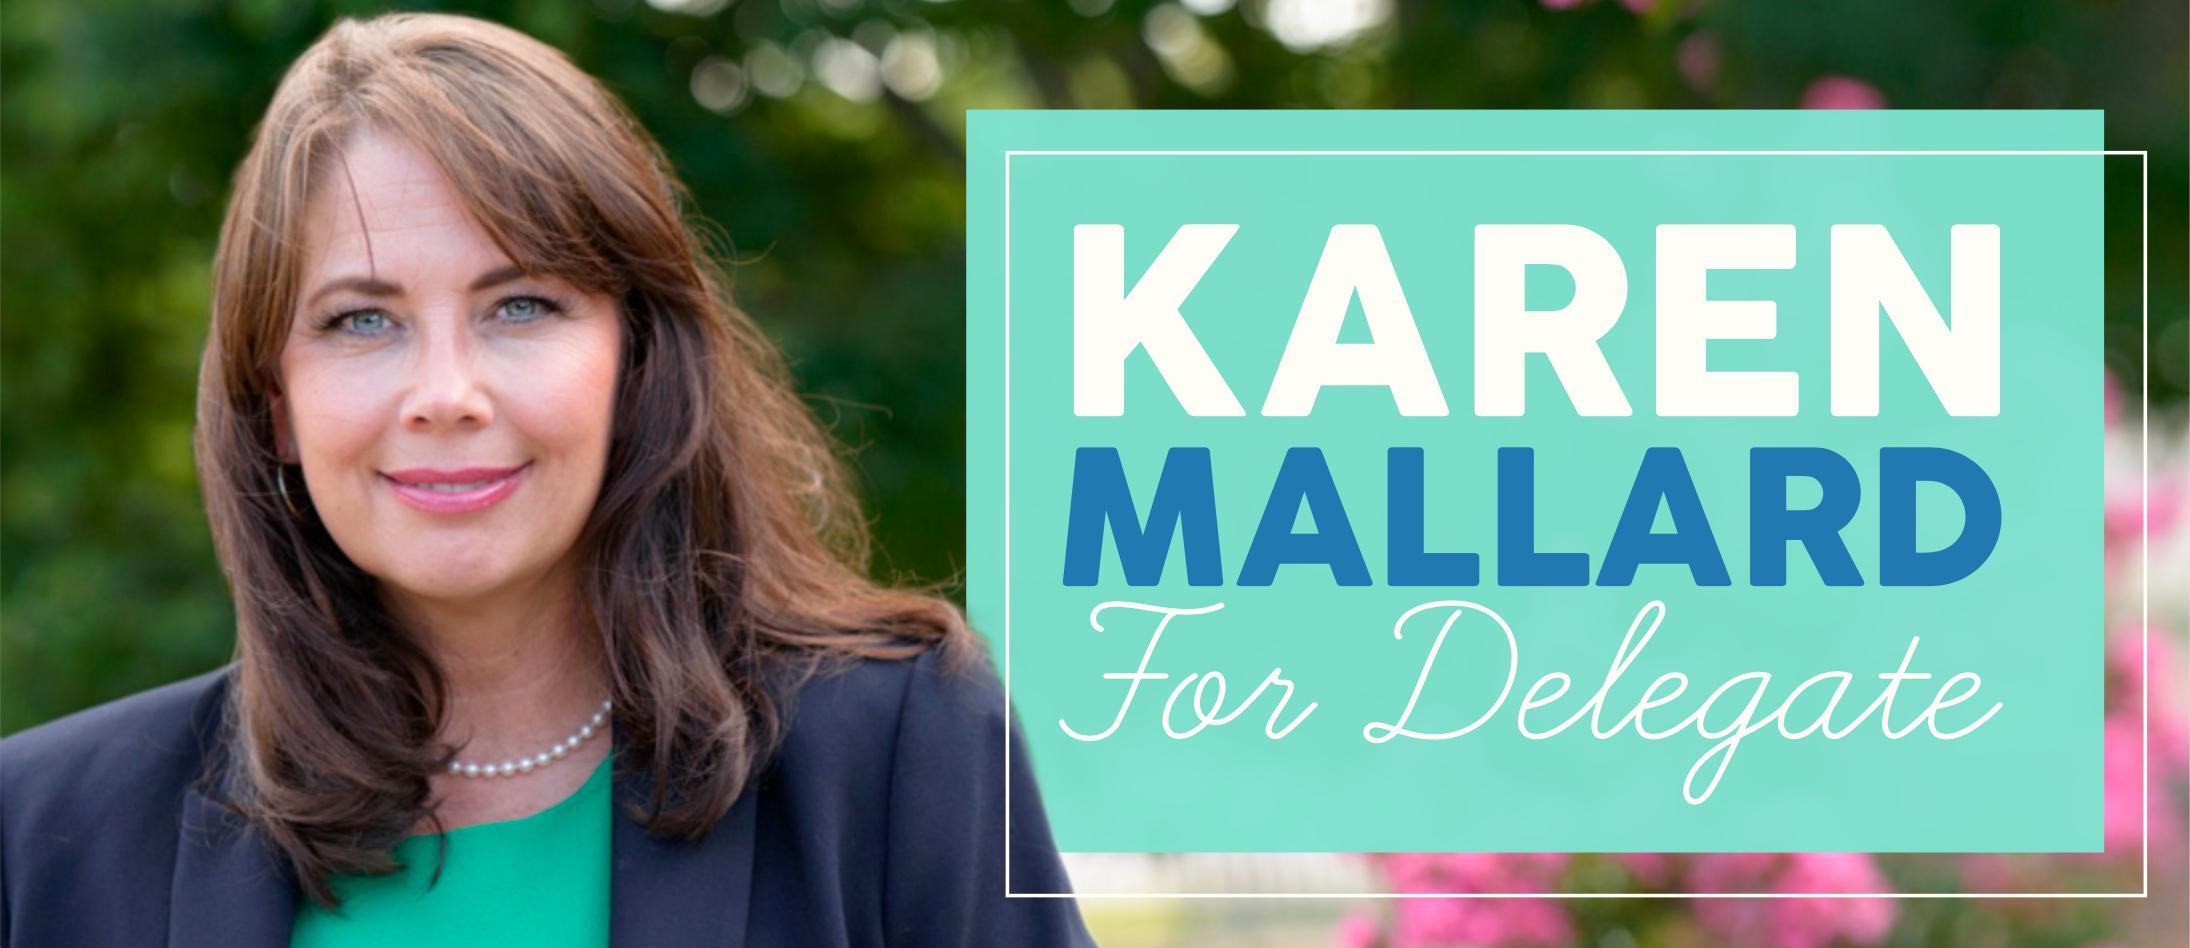 Karen Mallard